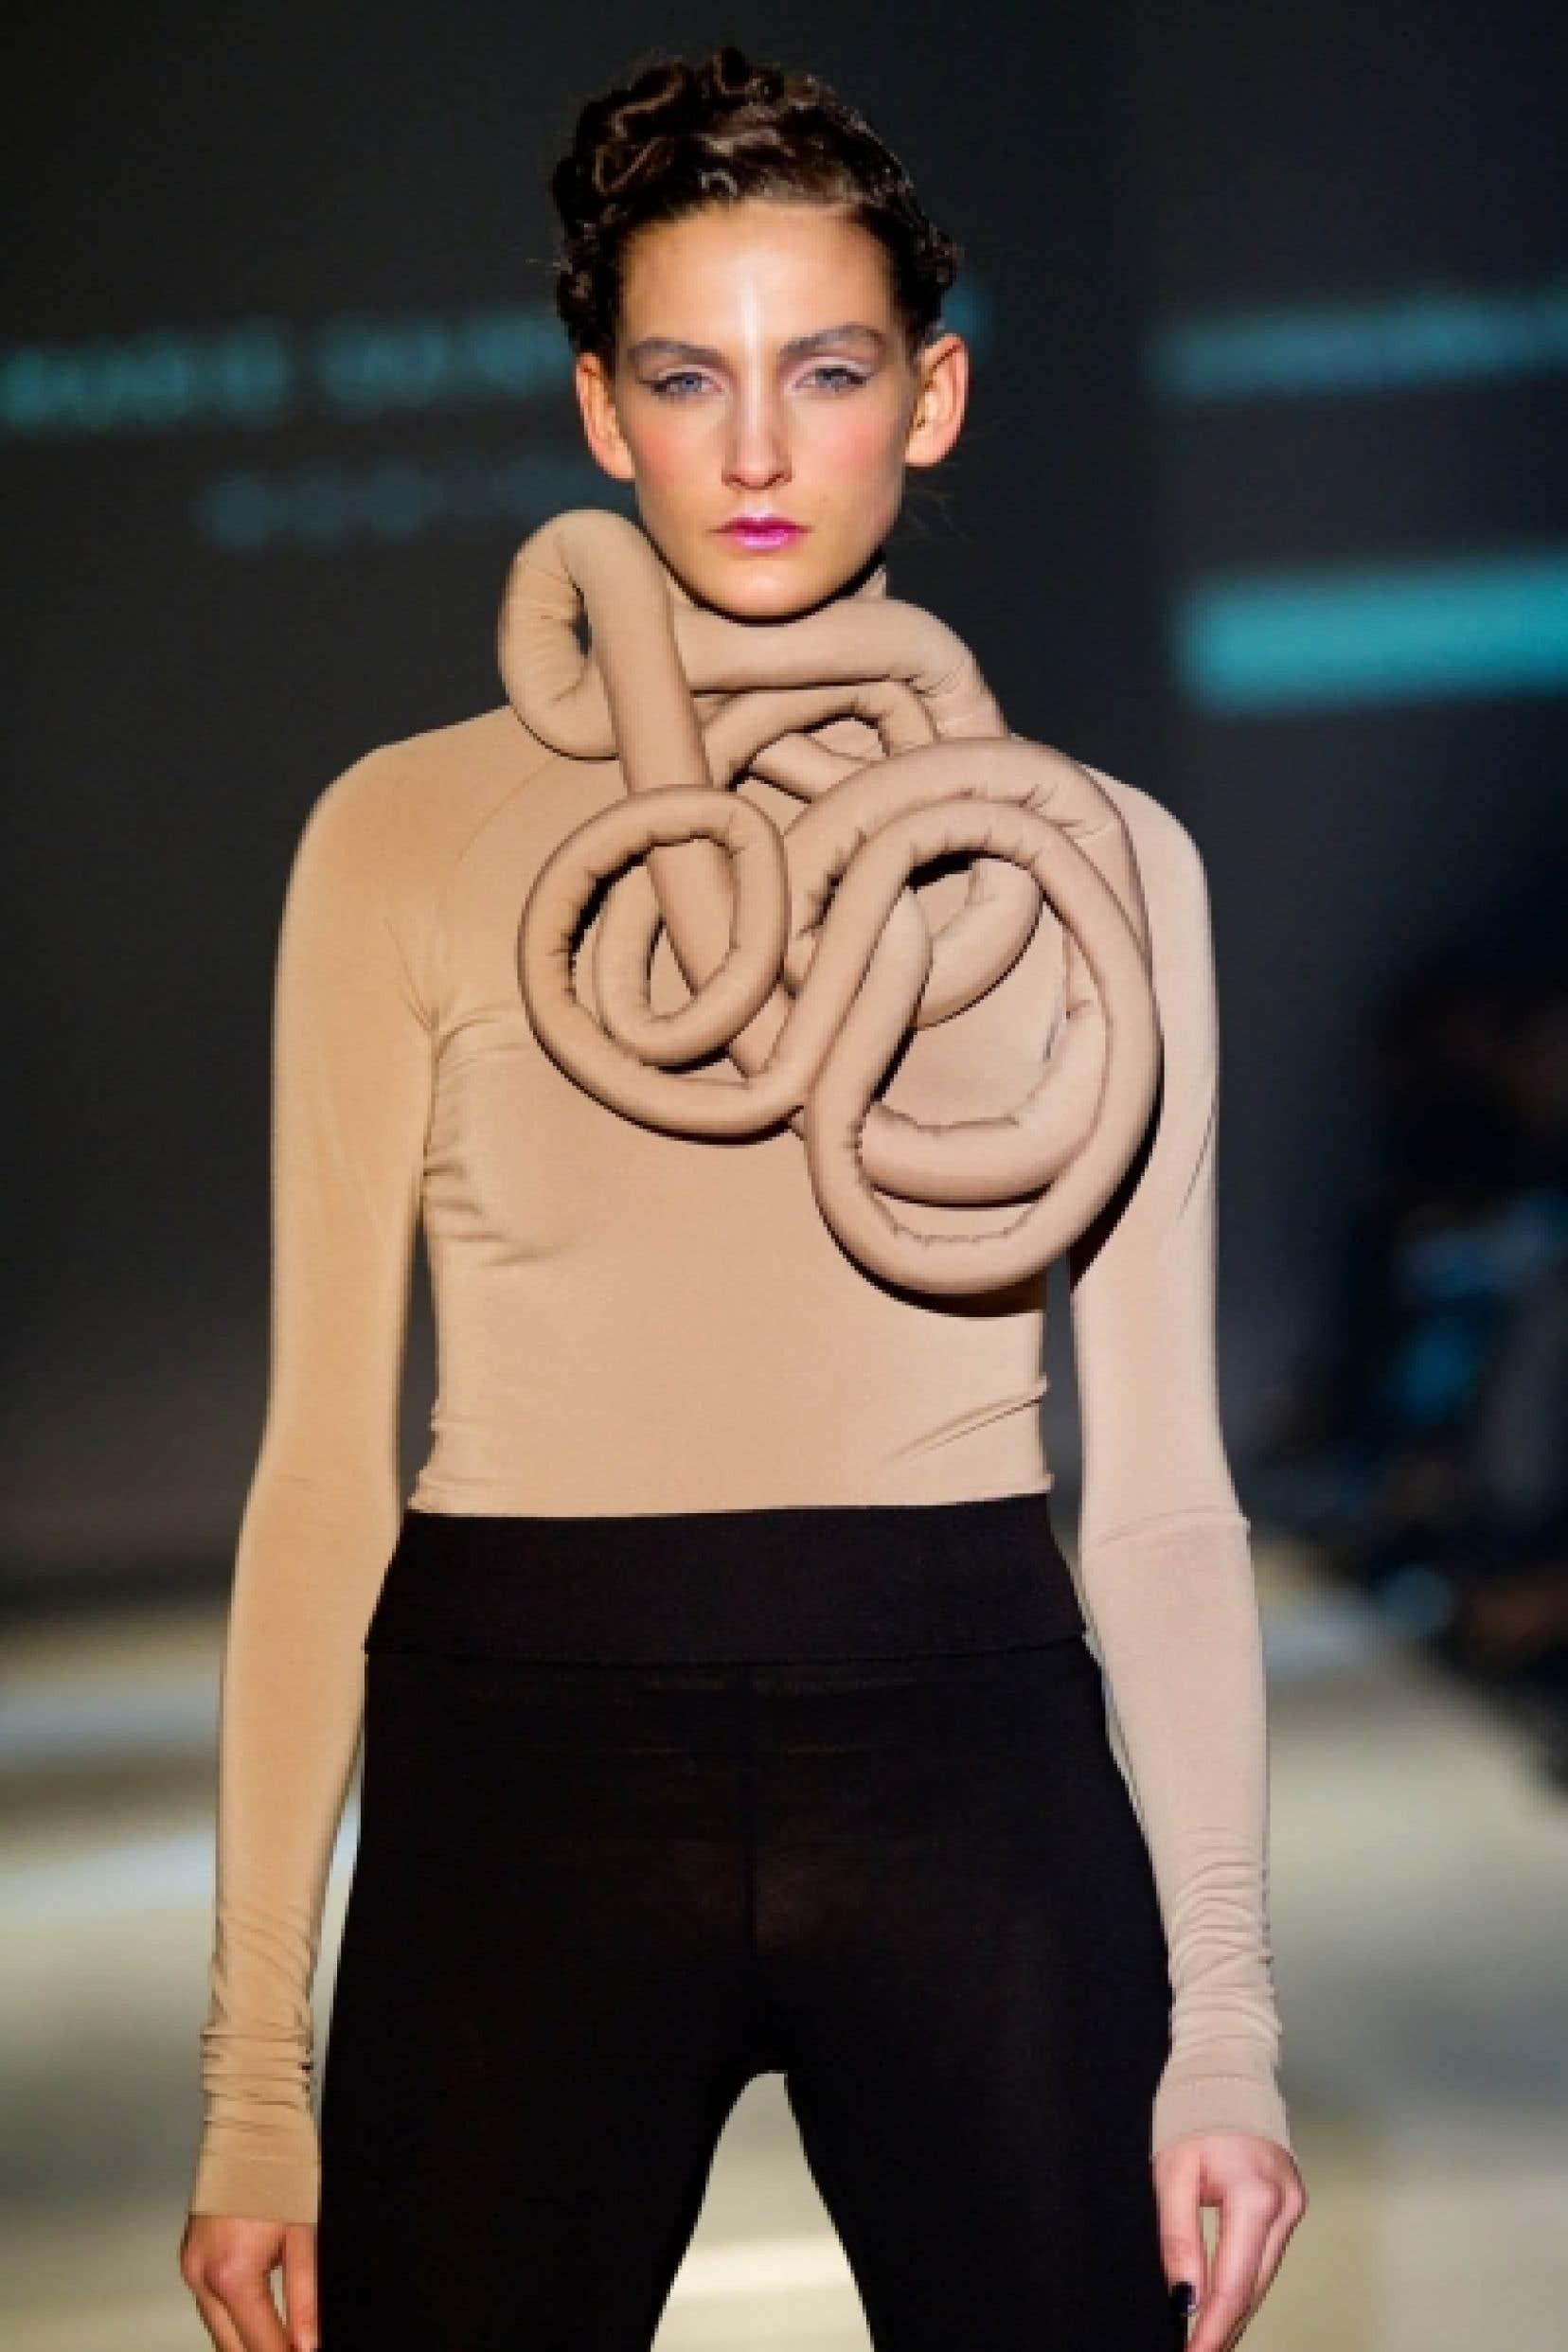 «Je travaille la matière dans de multiples formes sans aller chercher de gadgets: le jersey a été encollé, triplé, molletonné, découpé, explique la designer Marie Saint Pierre. Tout est extensible, confortable.»